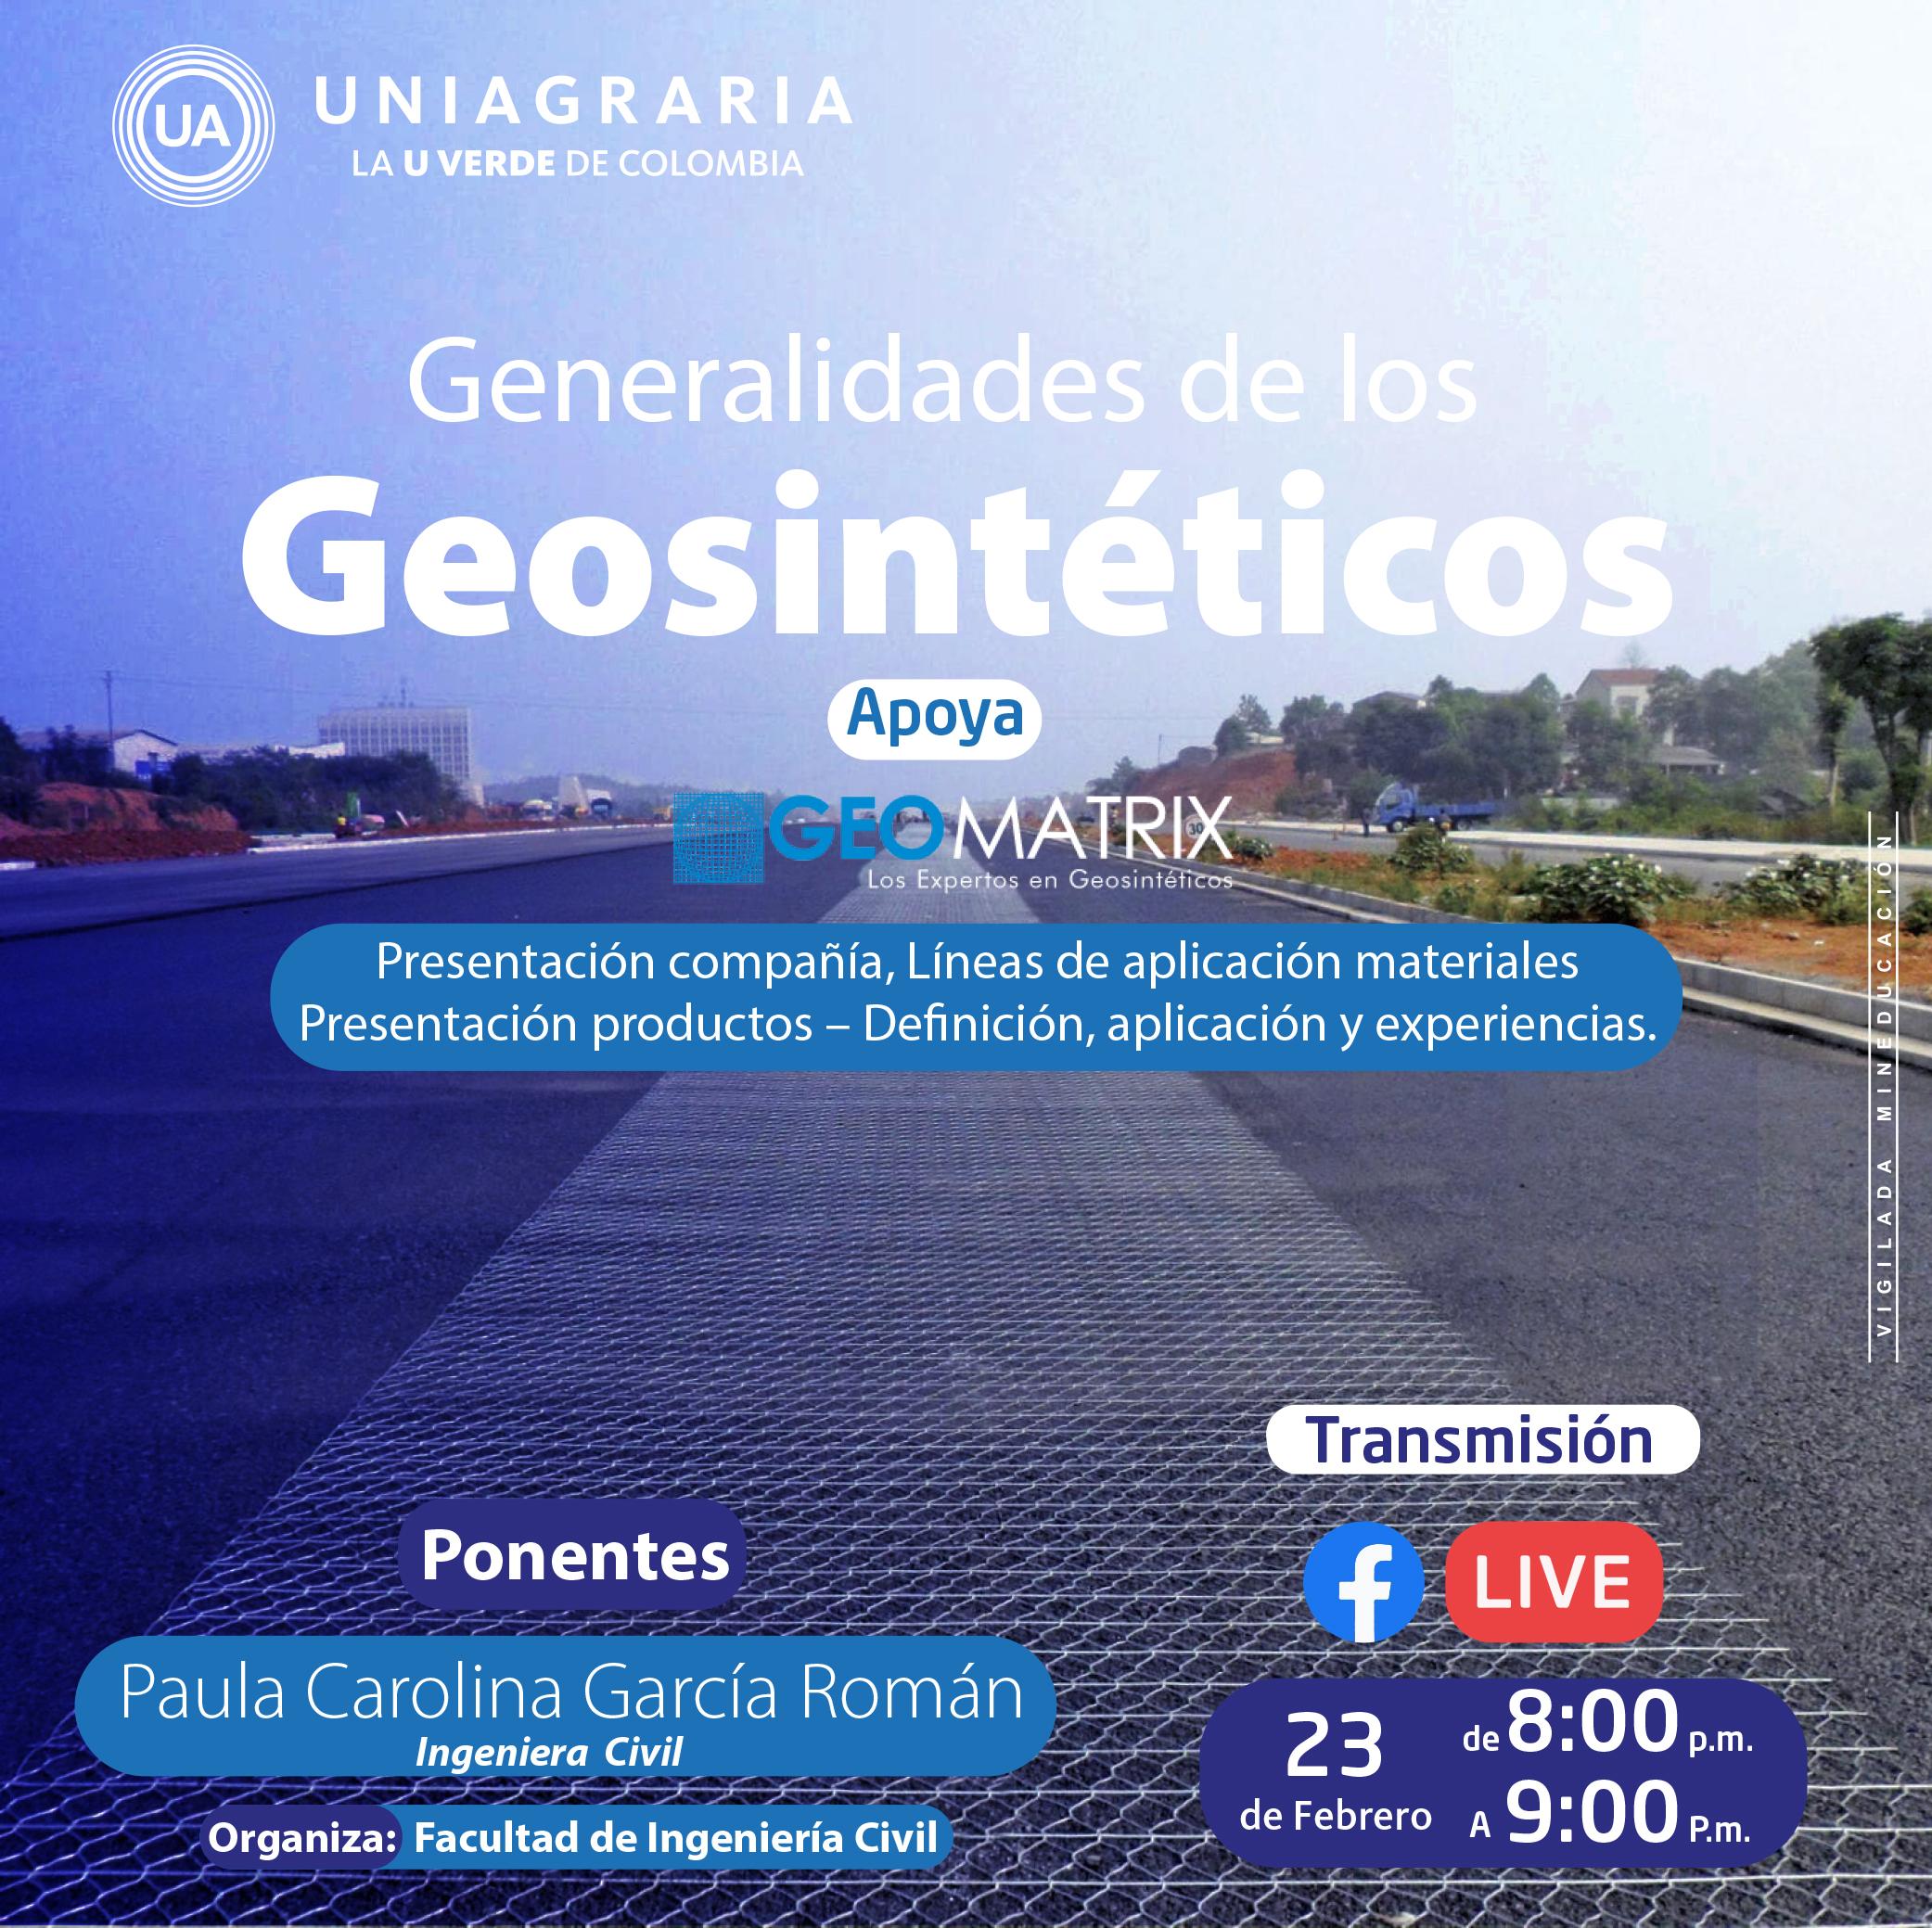 Generalidades de los Geosintéticos